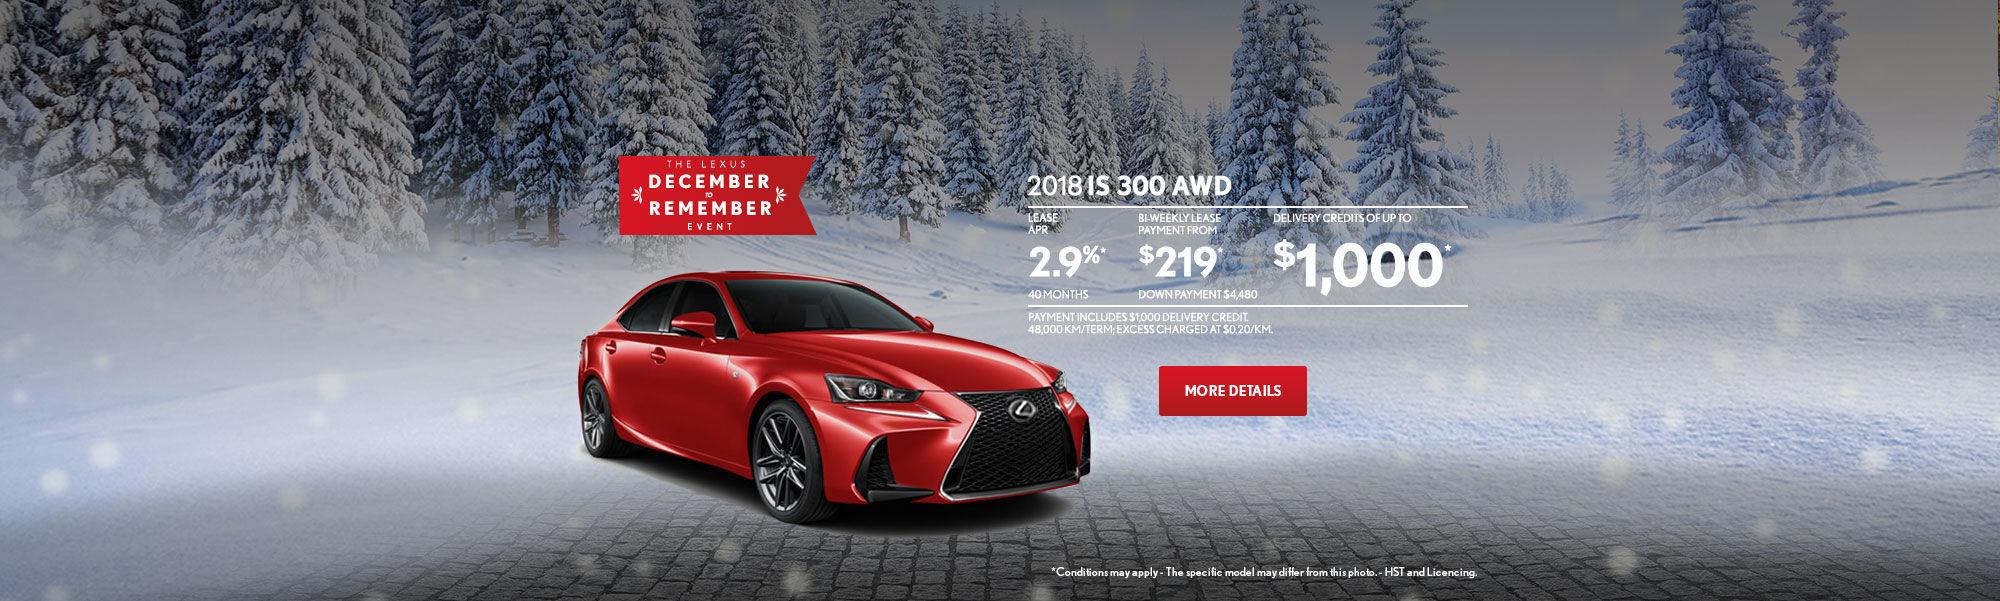 Lexus IS December